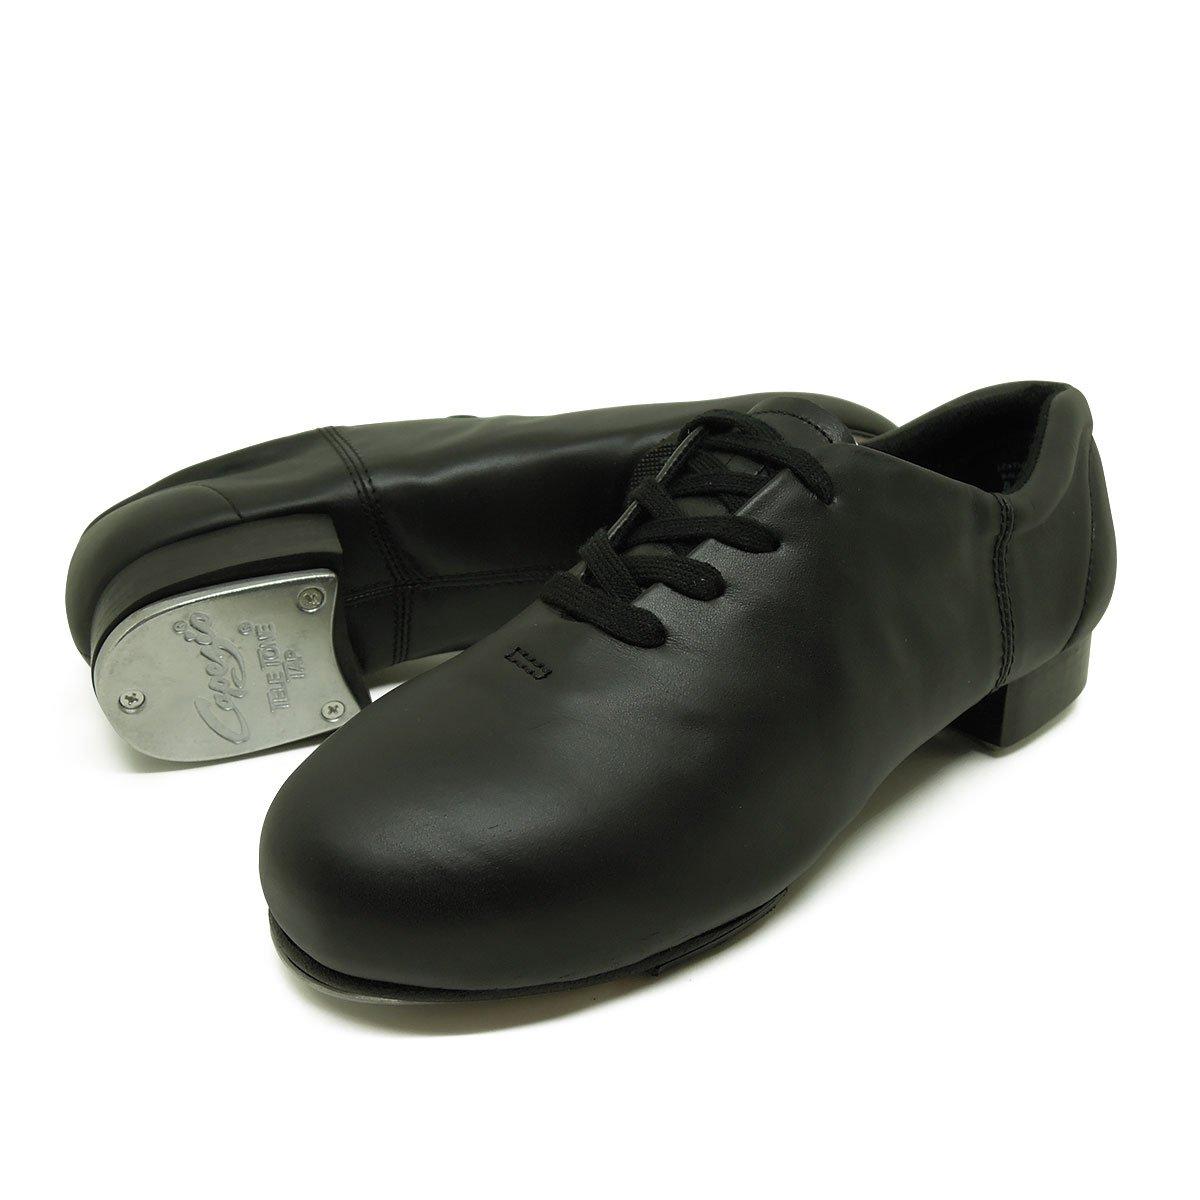 (カペジオ) Capezio タップダンス シューズ CG16 B0767Q7WG8 7.5w(24.6cm) ブラック ブラック 7.5w(24.6cm)